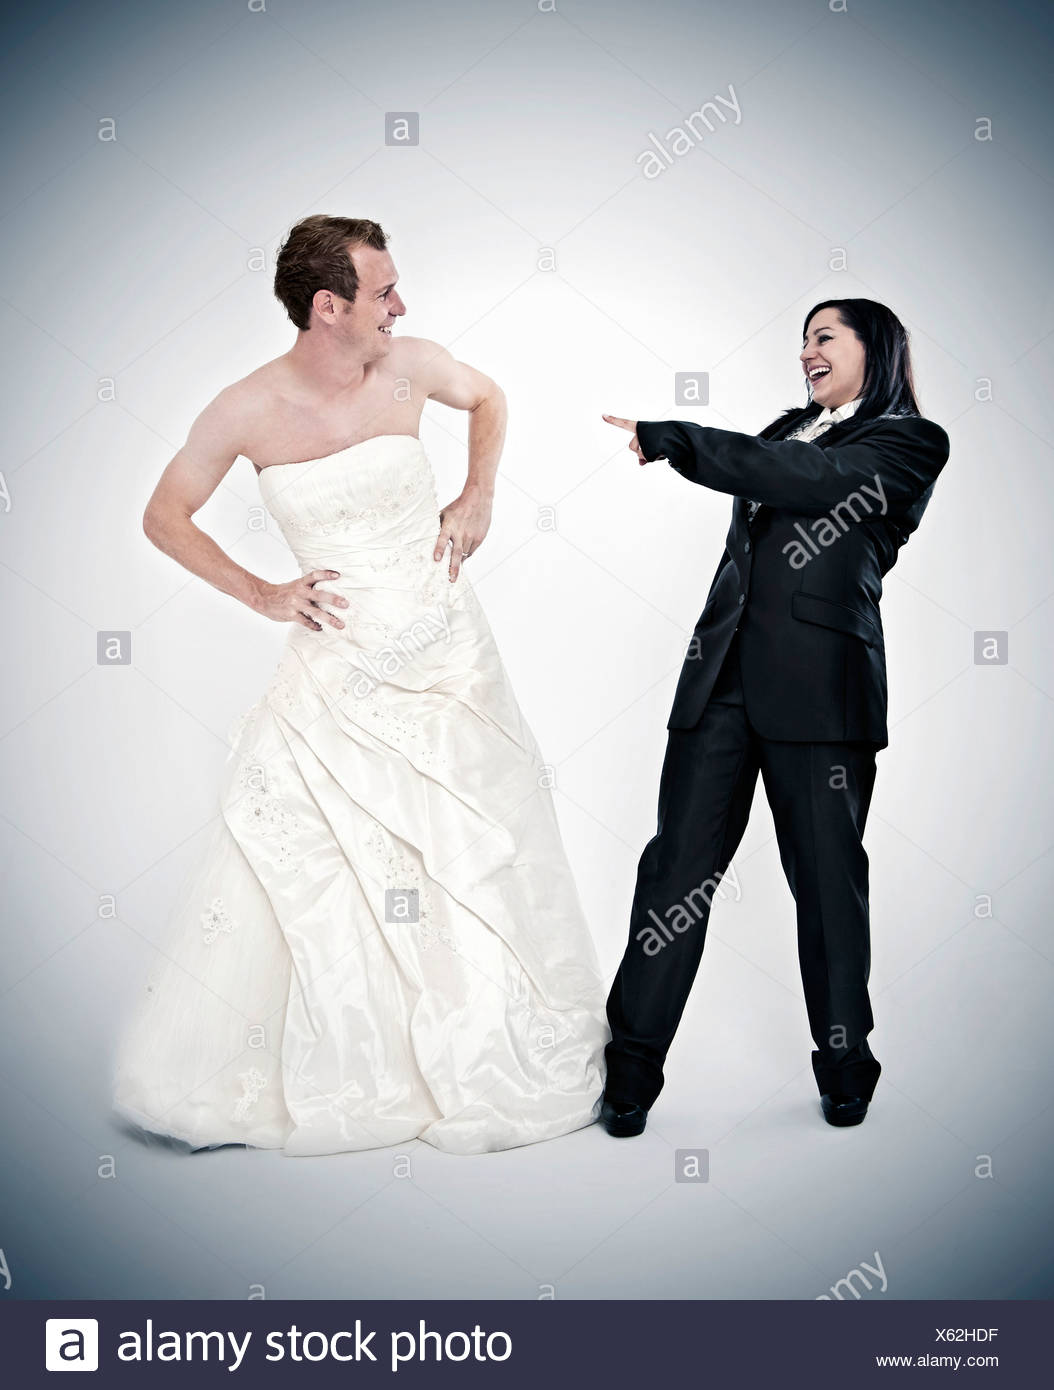 molti alla moda economico per lo sconto rivenditore sporco Sposa indossa una tuta ridendo a lo sposo che indossa un abito da ...